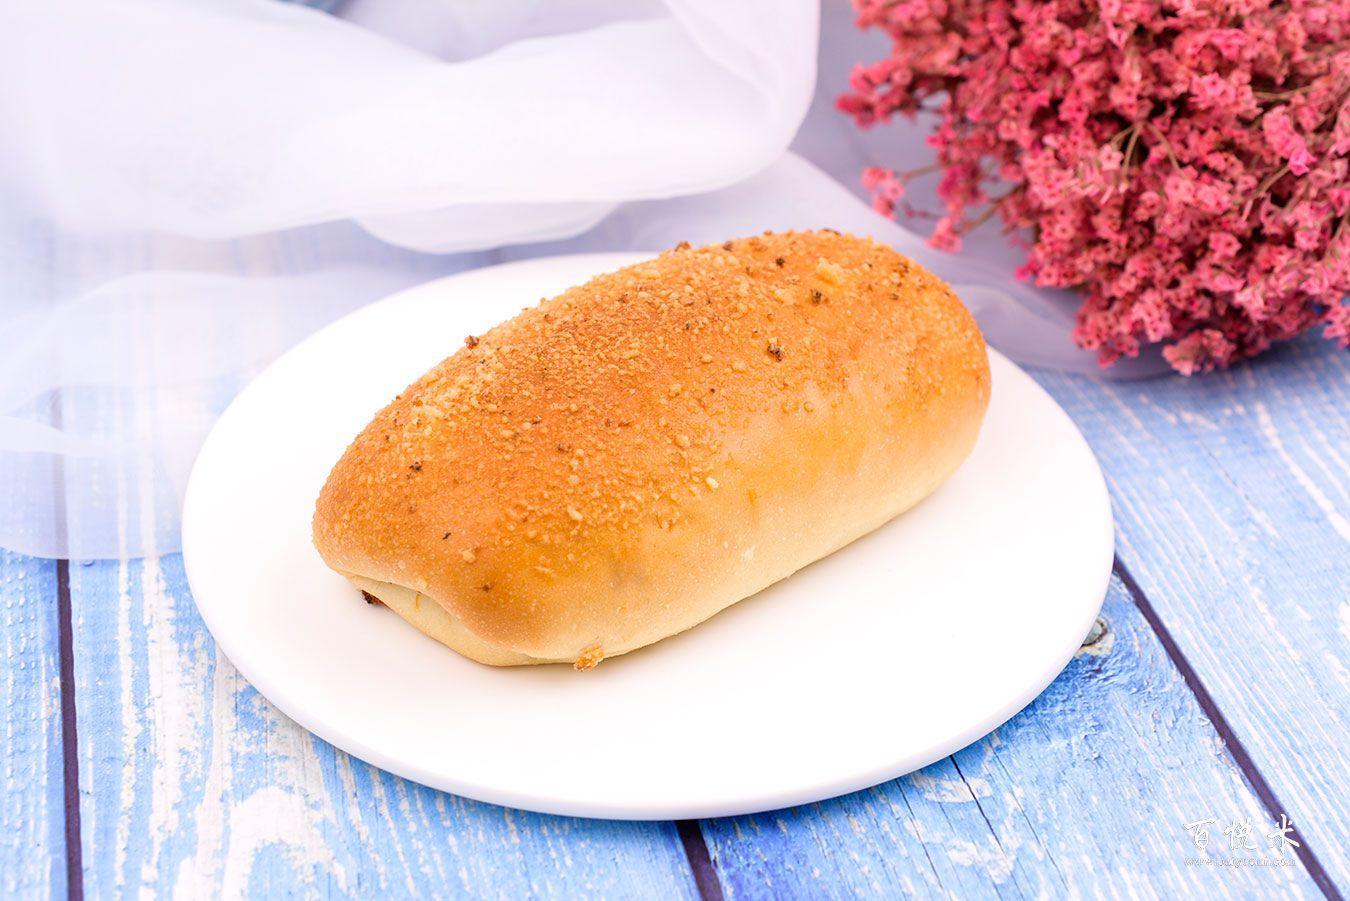 咸芋肉松包高清图片大全【蛋糕图片】_483